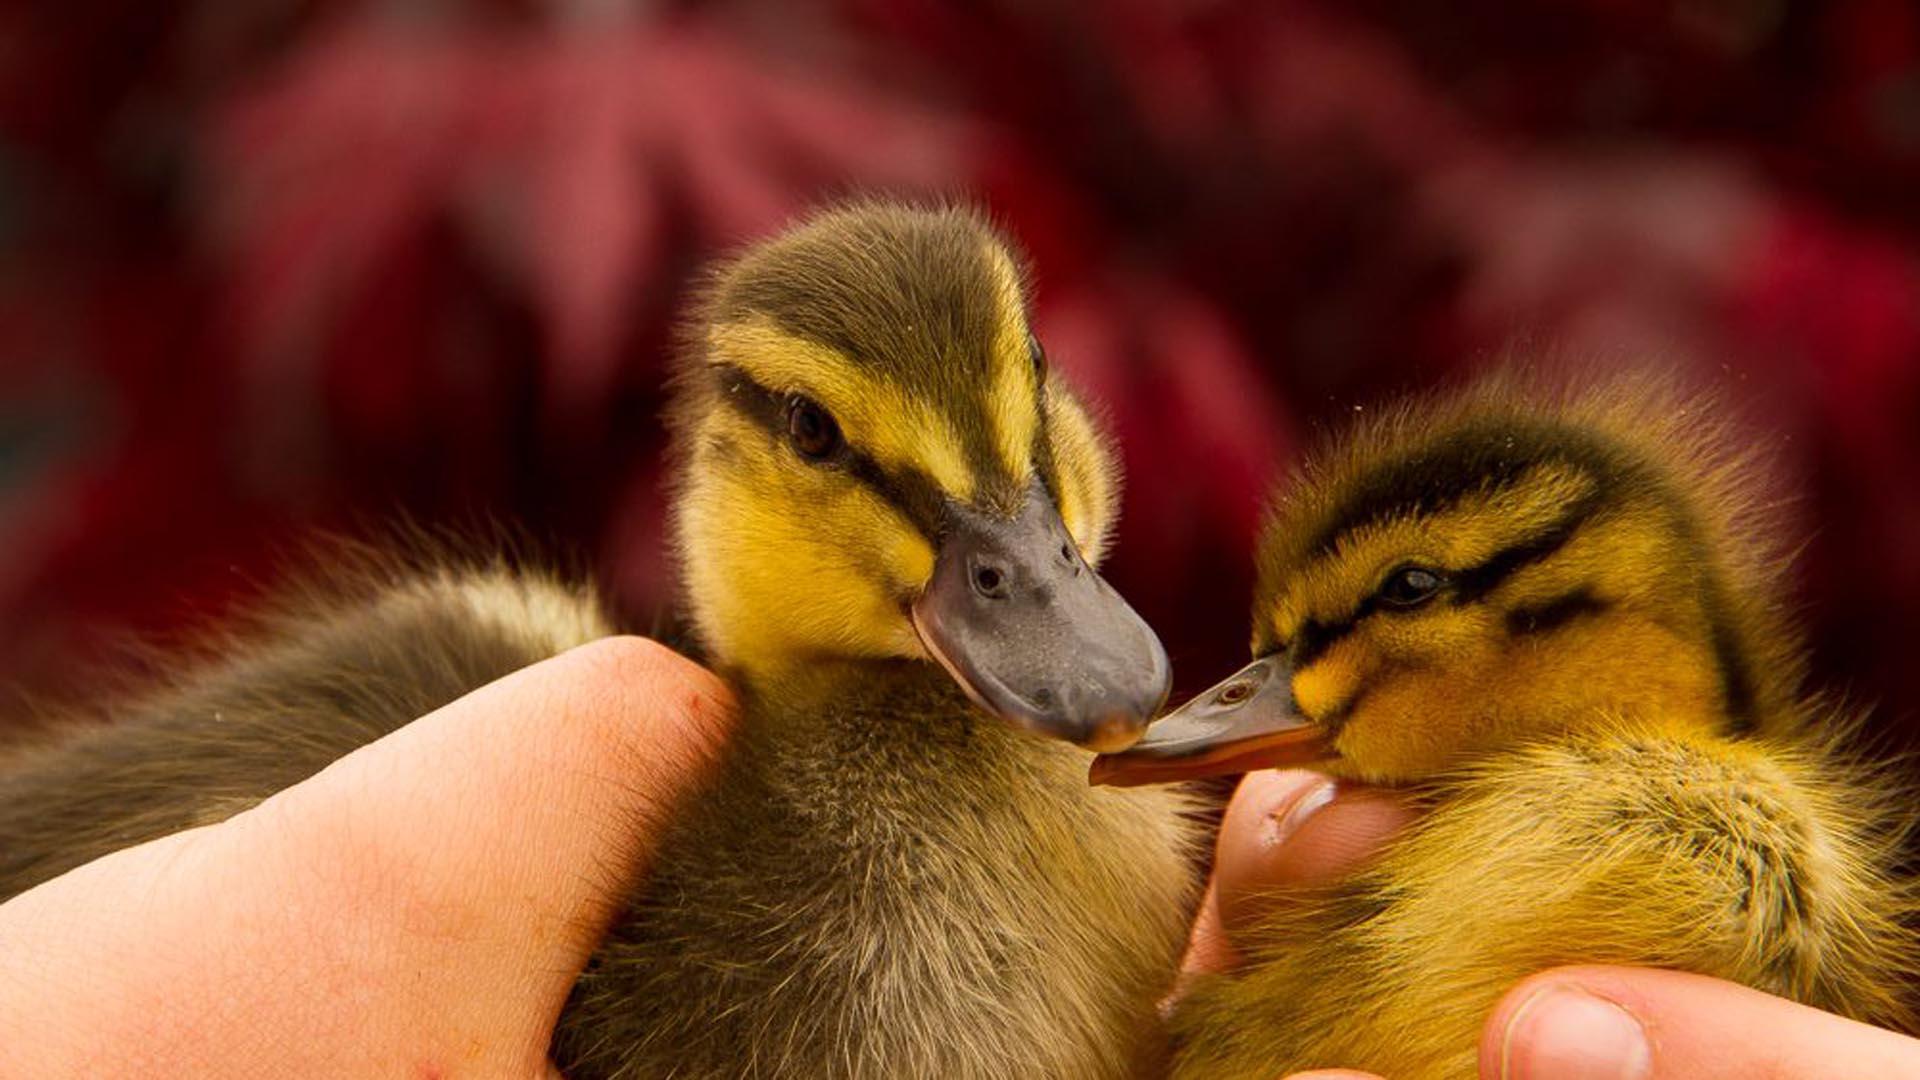 Las aves permanecerán durante unos meses bajo estricto cuidados, hasta que tengan la edad para ser puestos en el estanque